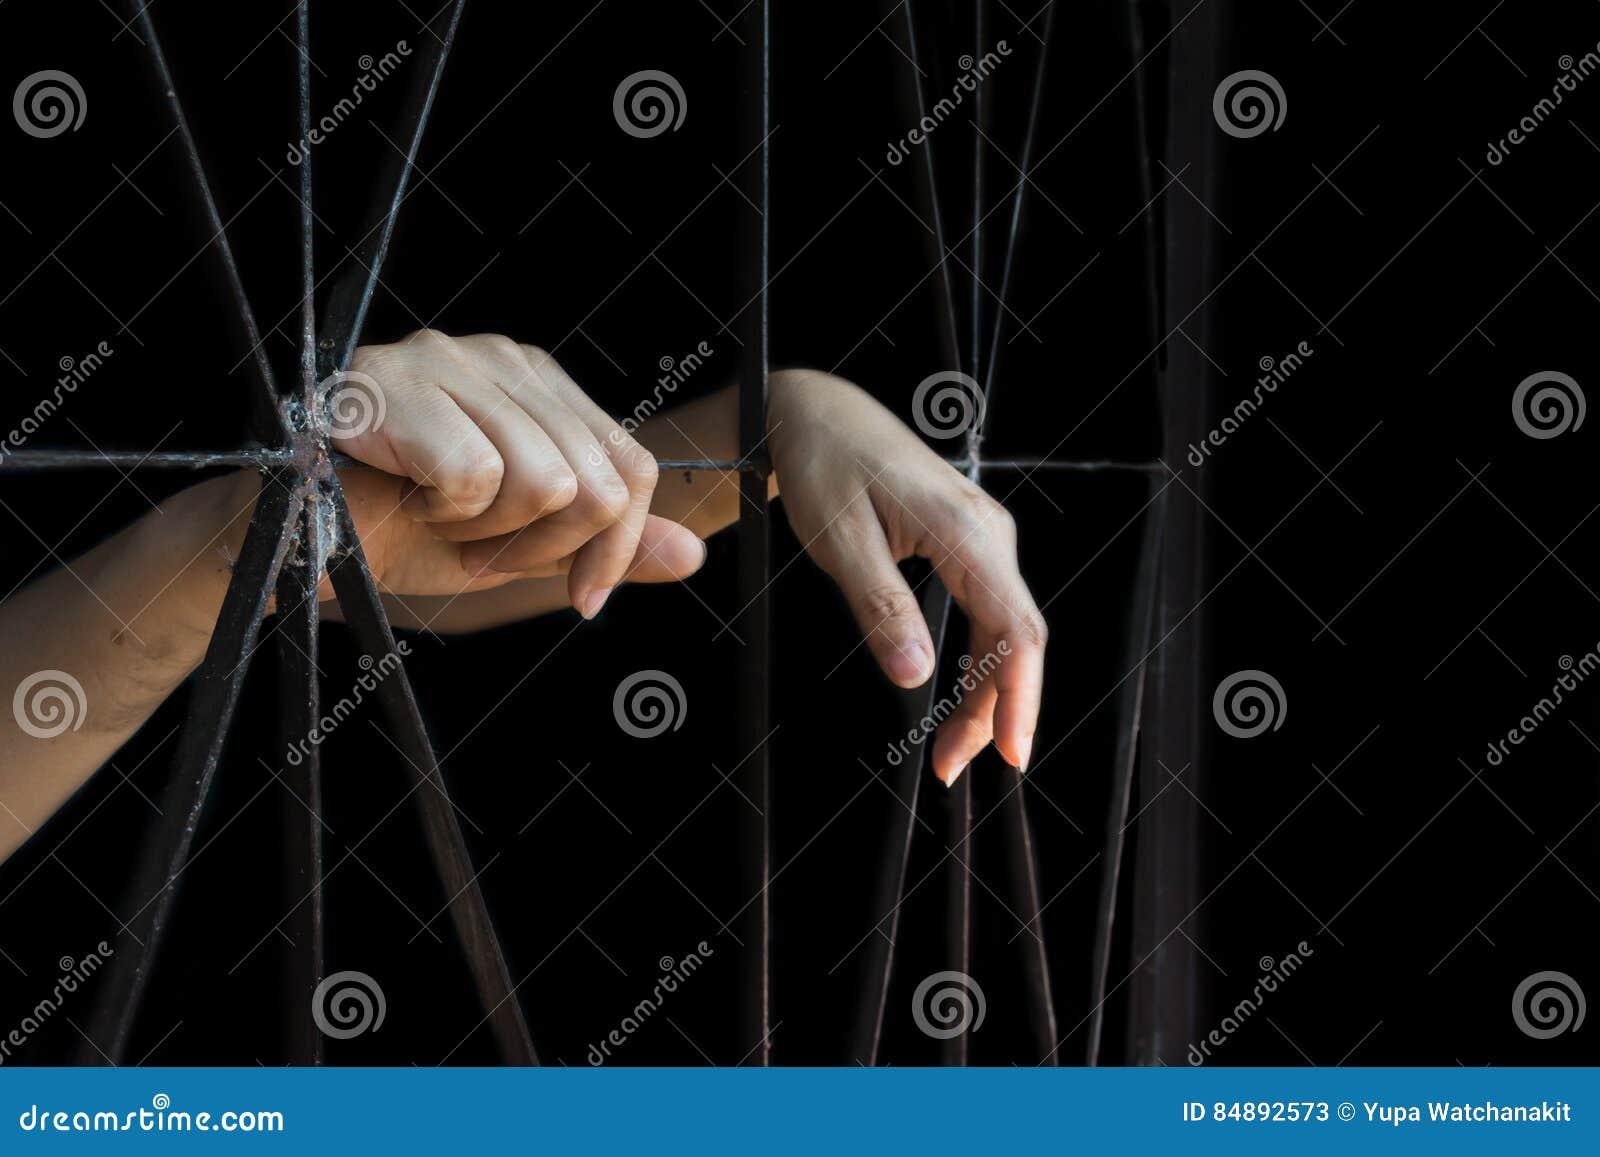 Mão da mulher que guarda a gaiola, abuso, conceito de tráfico humano